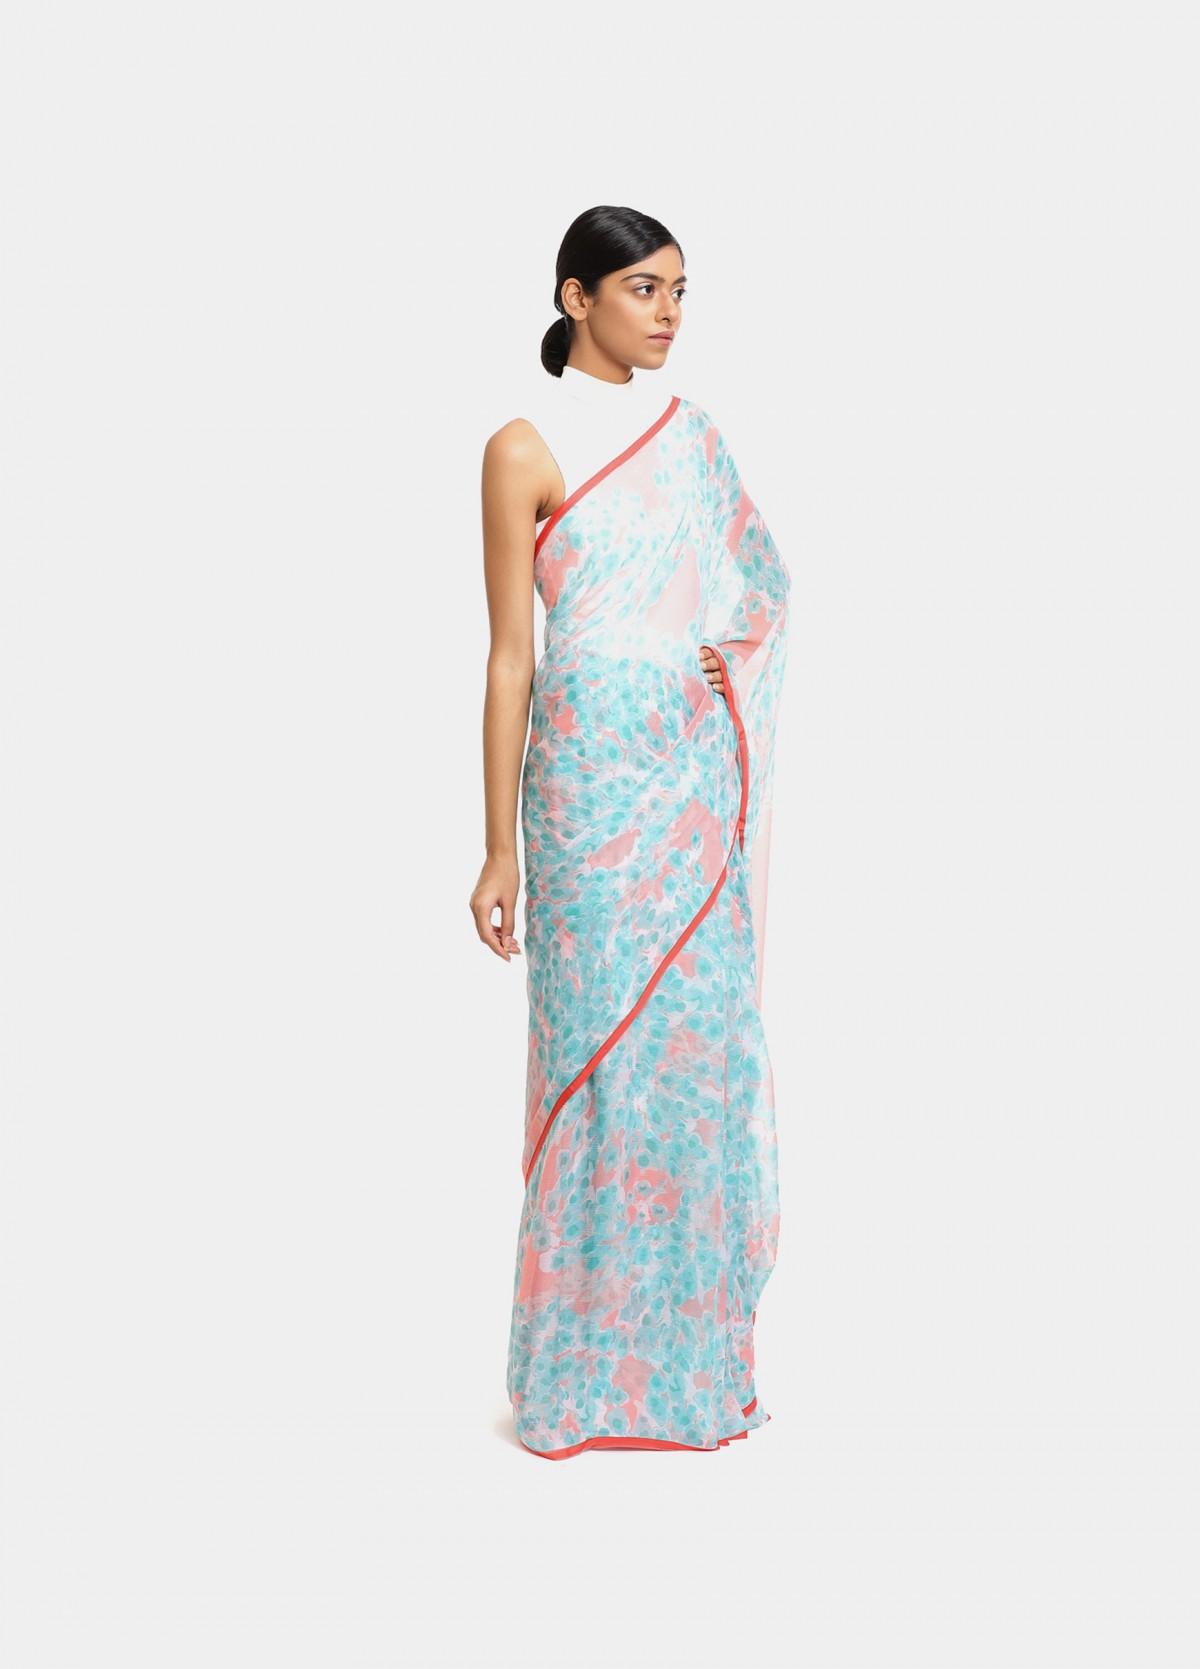 The Ume Sari